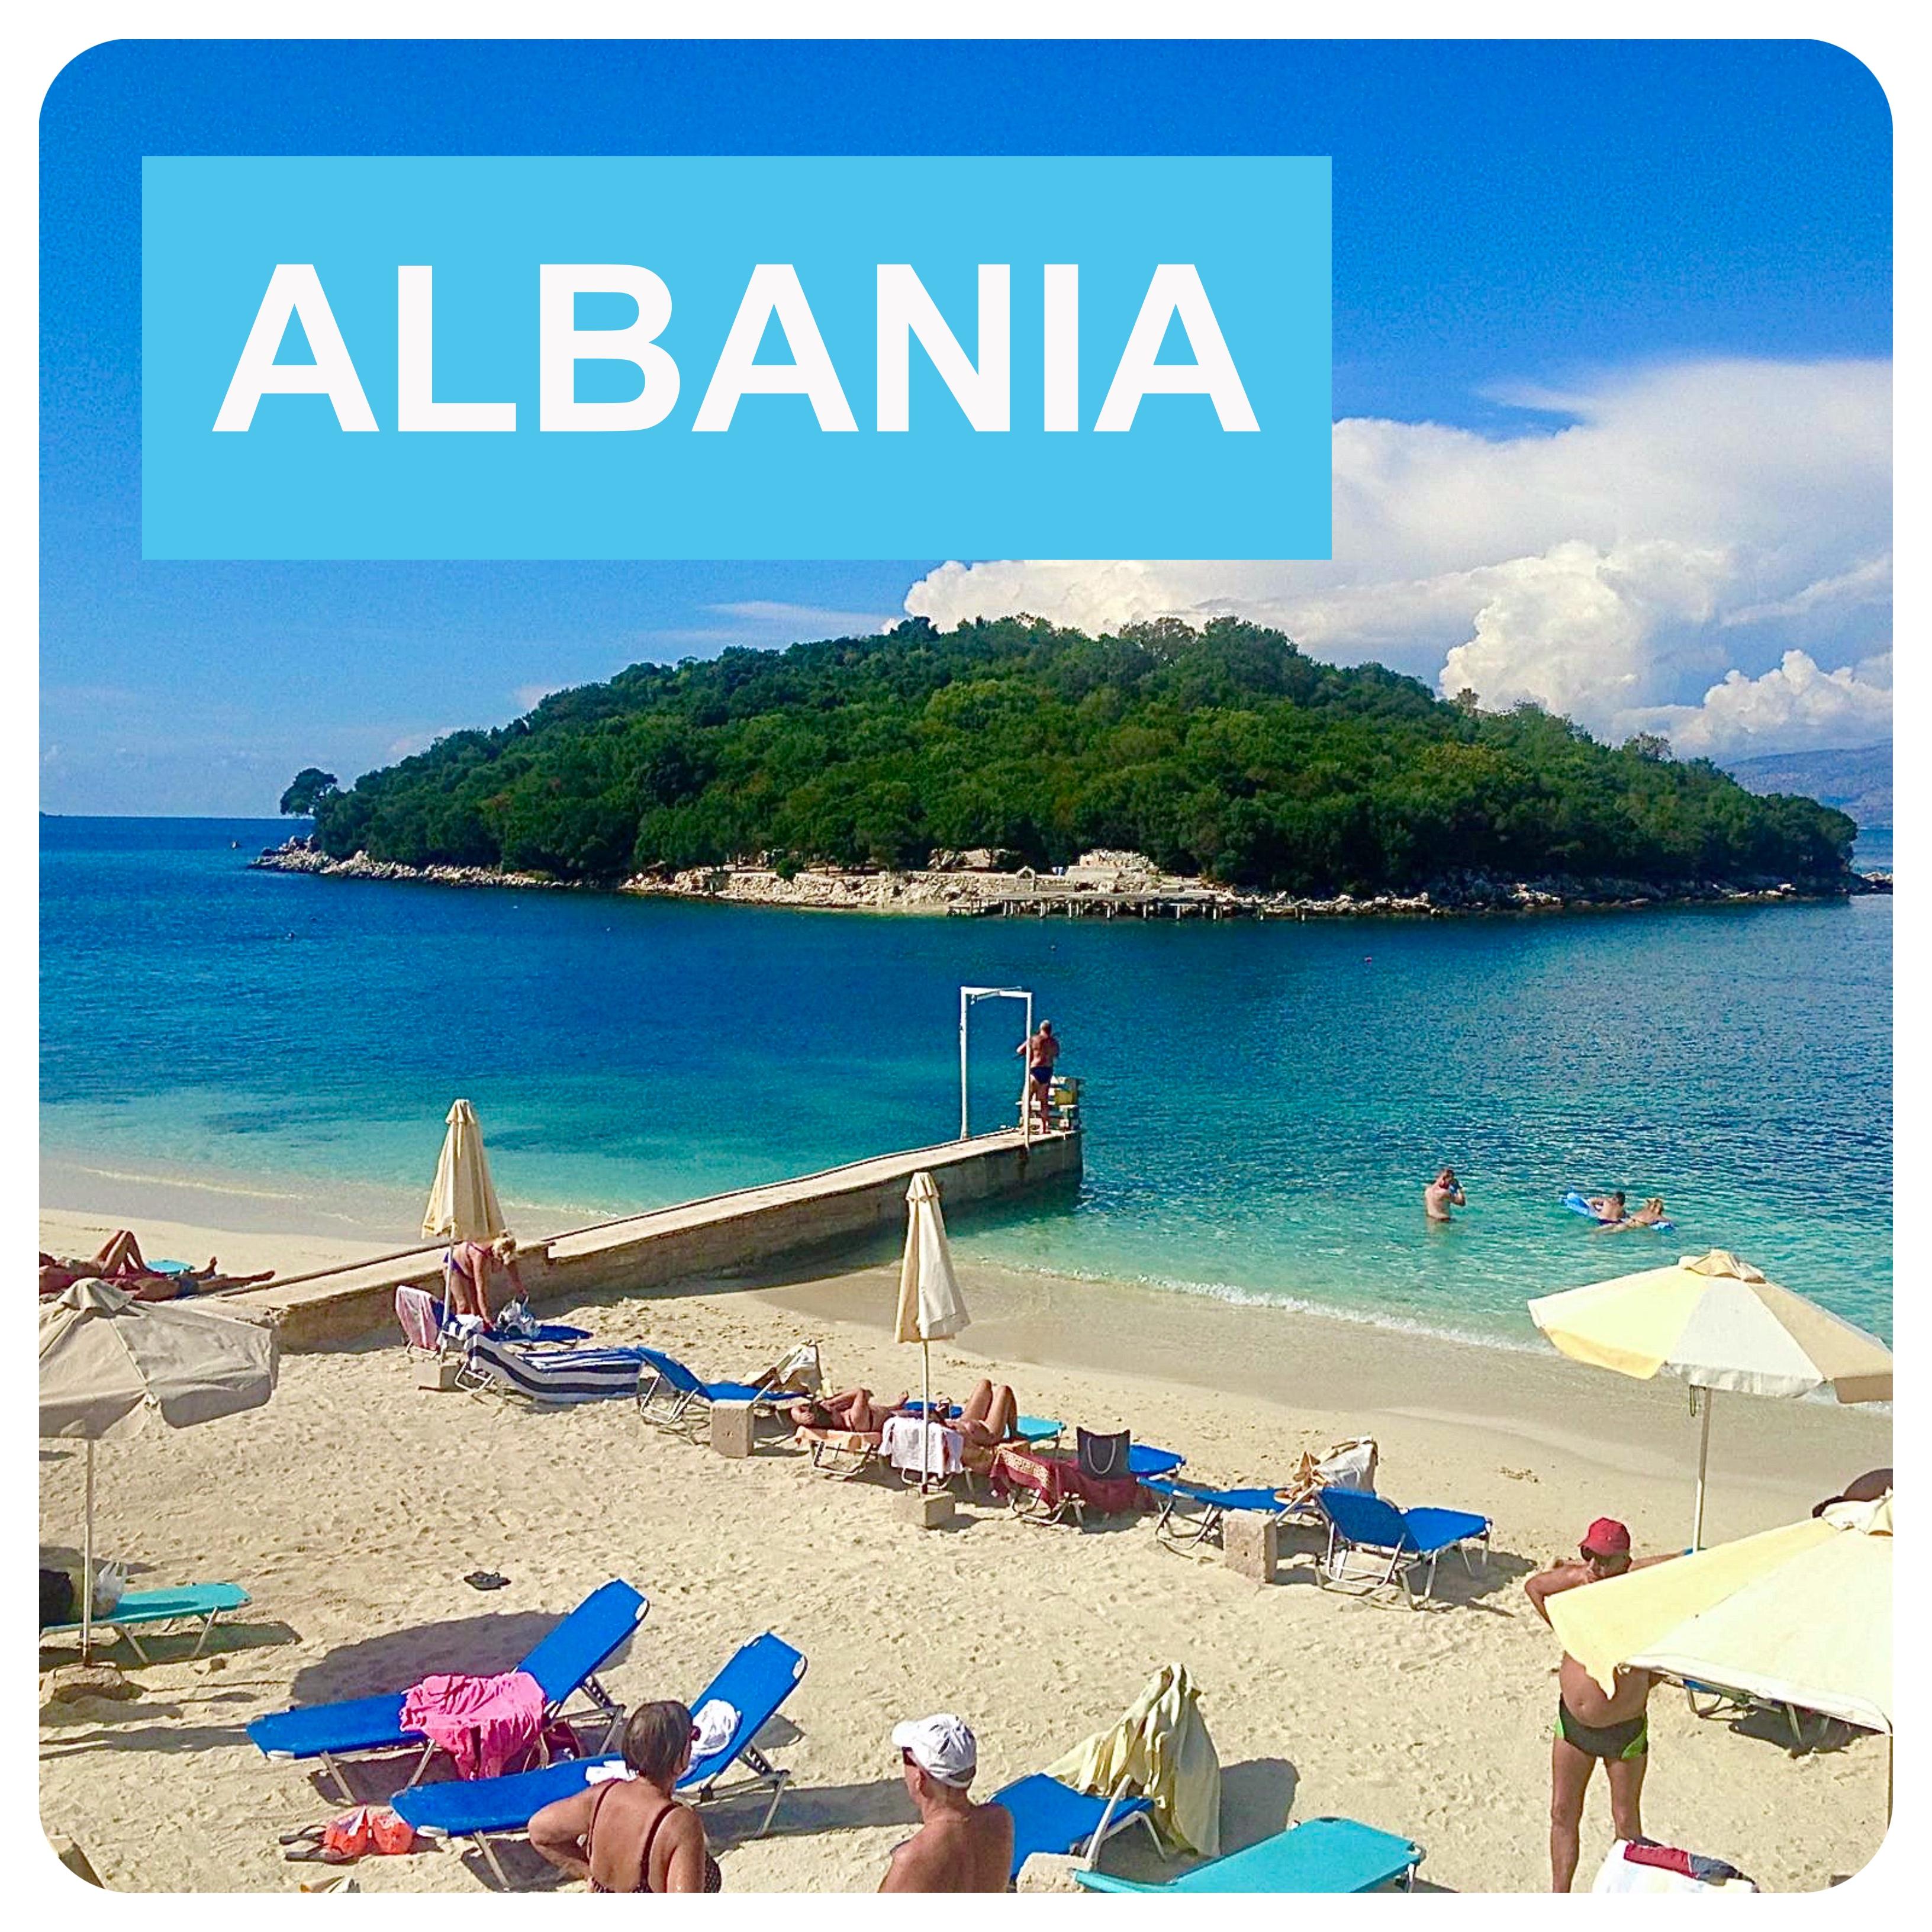 Noleggio auto albania senza carta di credito